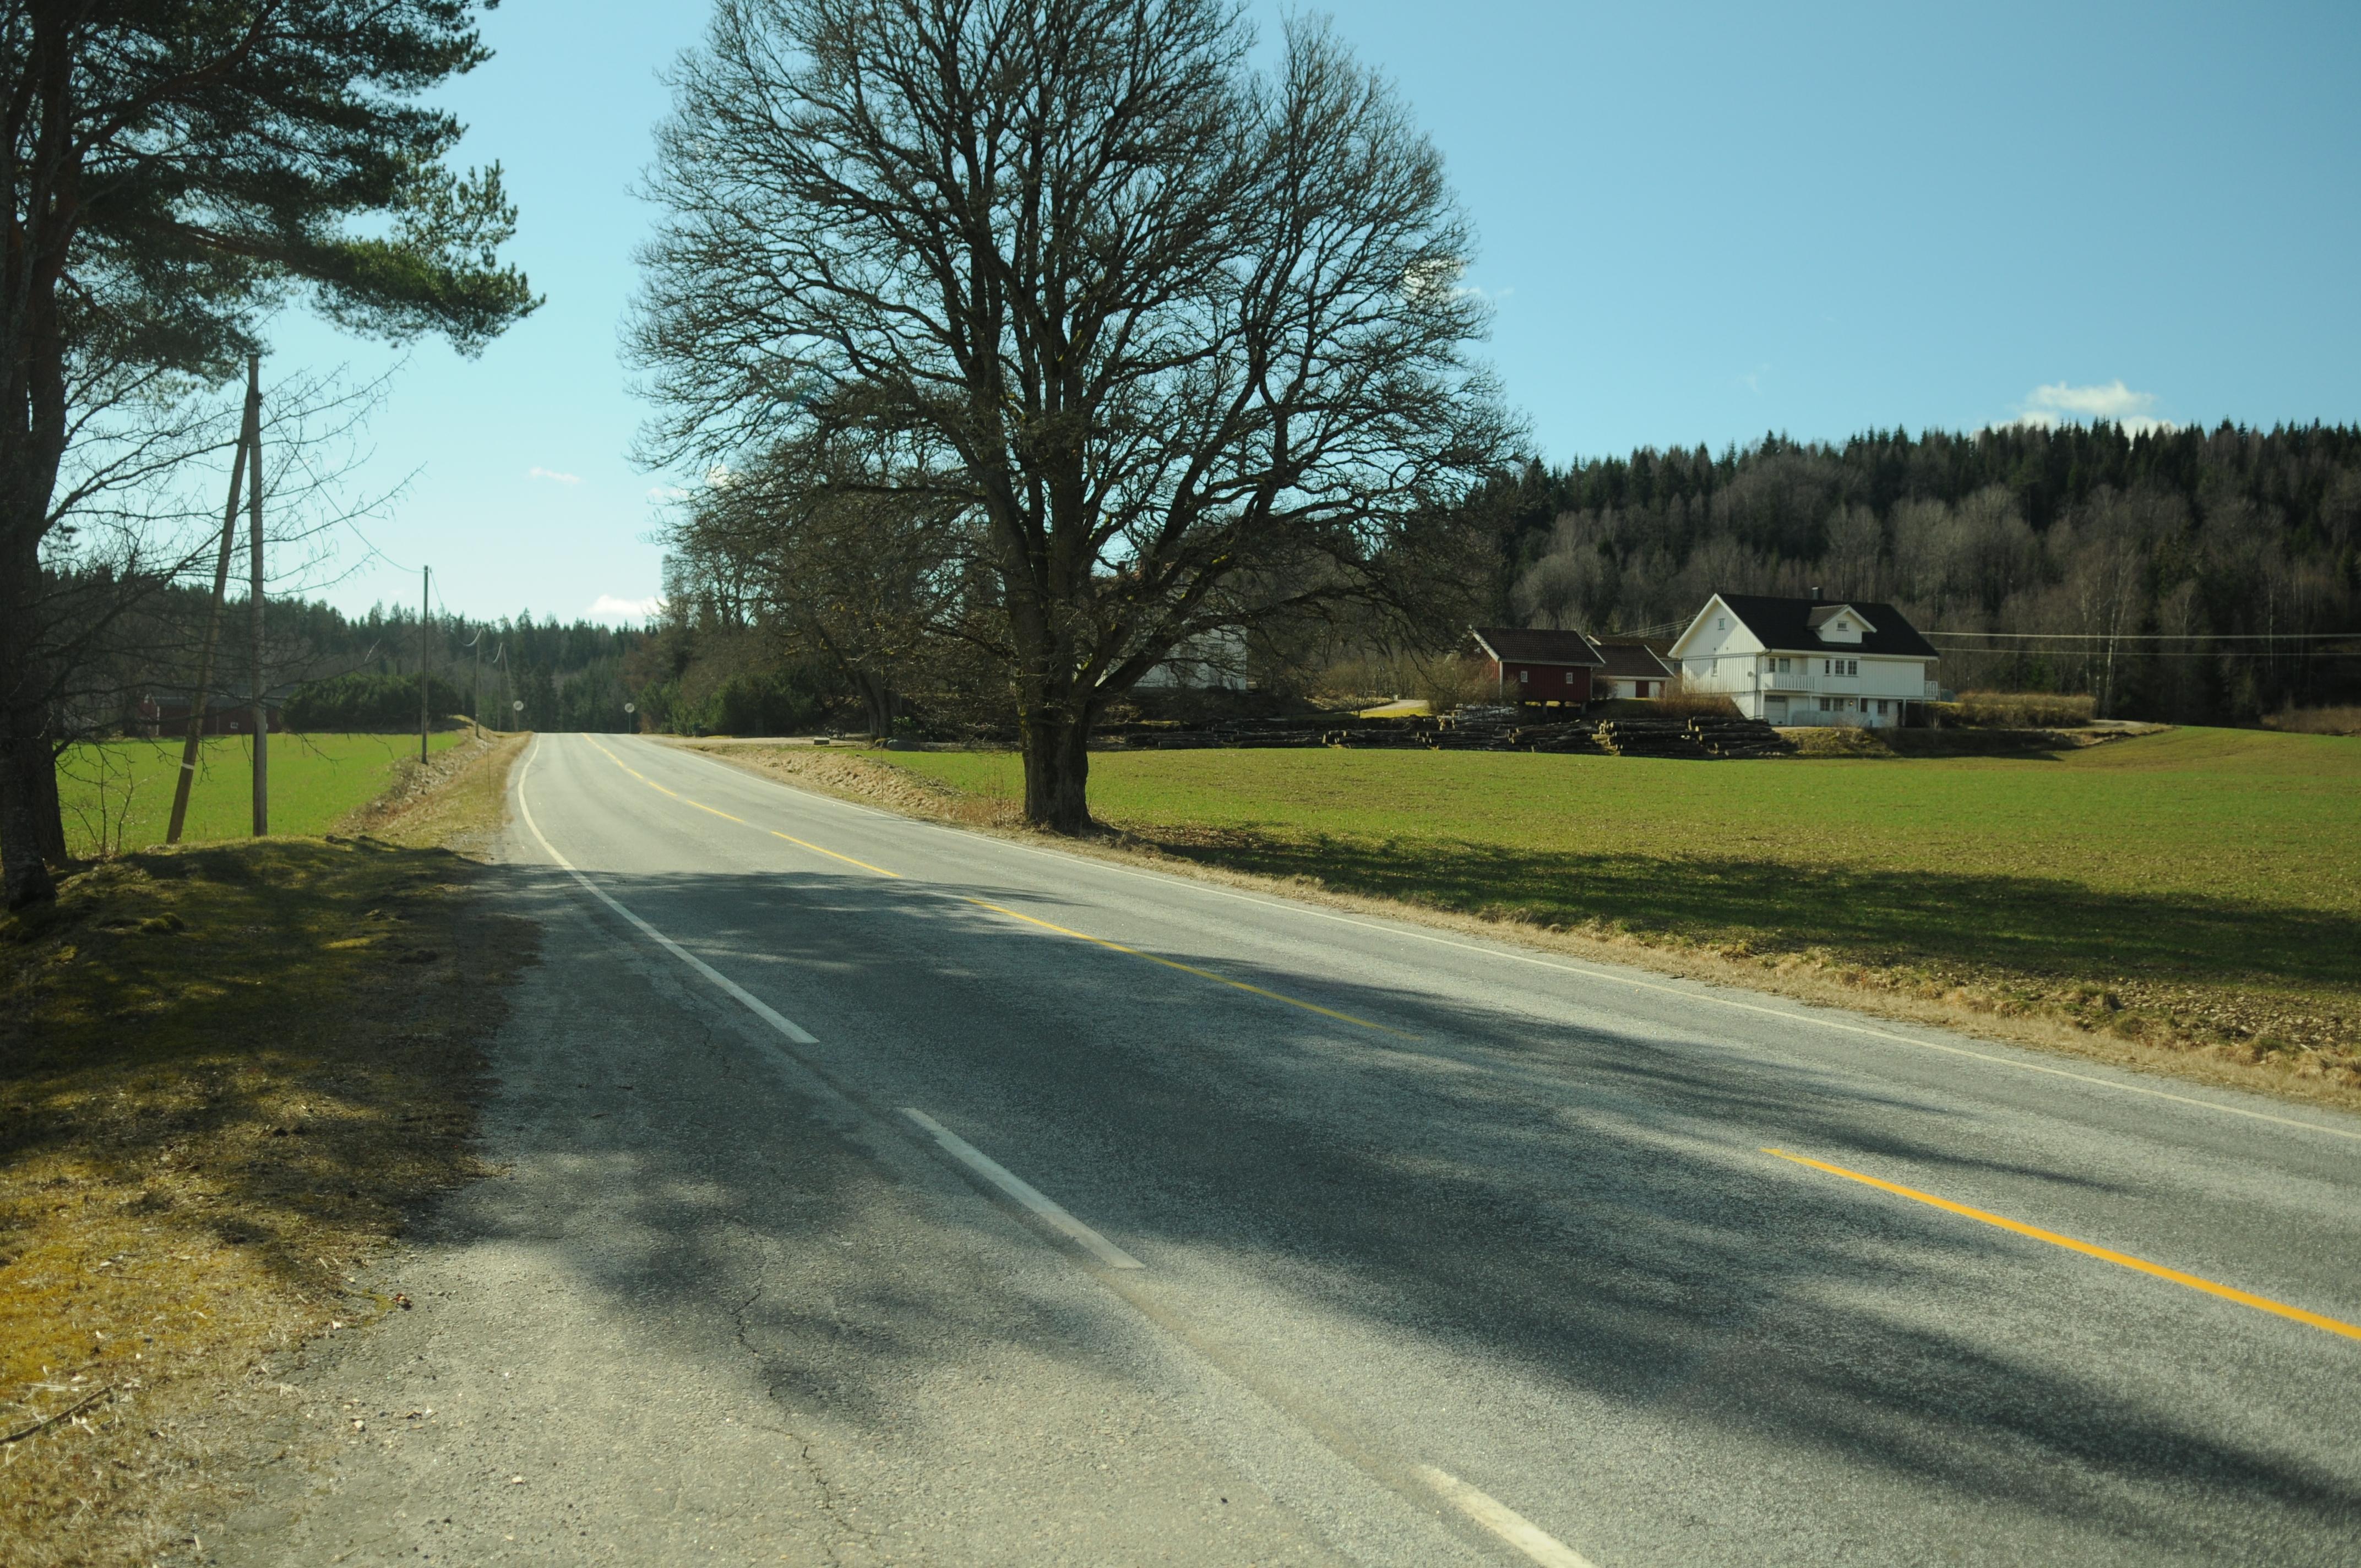 Bautaen til venster og gården Kirkebøen til høyre om vei 22 sett fra nord. Foto: Svein Norheim, Østfoldmuseene Halden historiske Samlinger